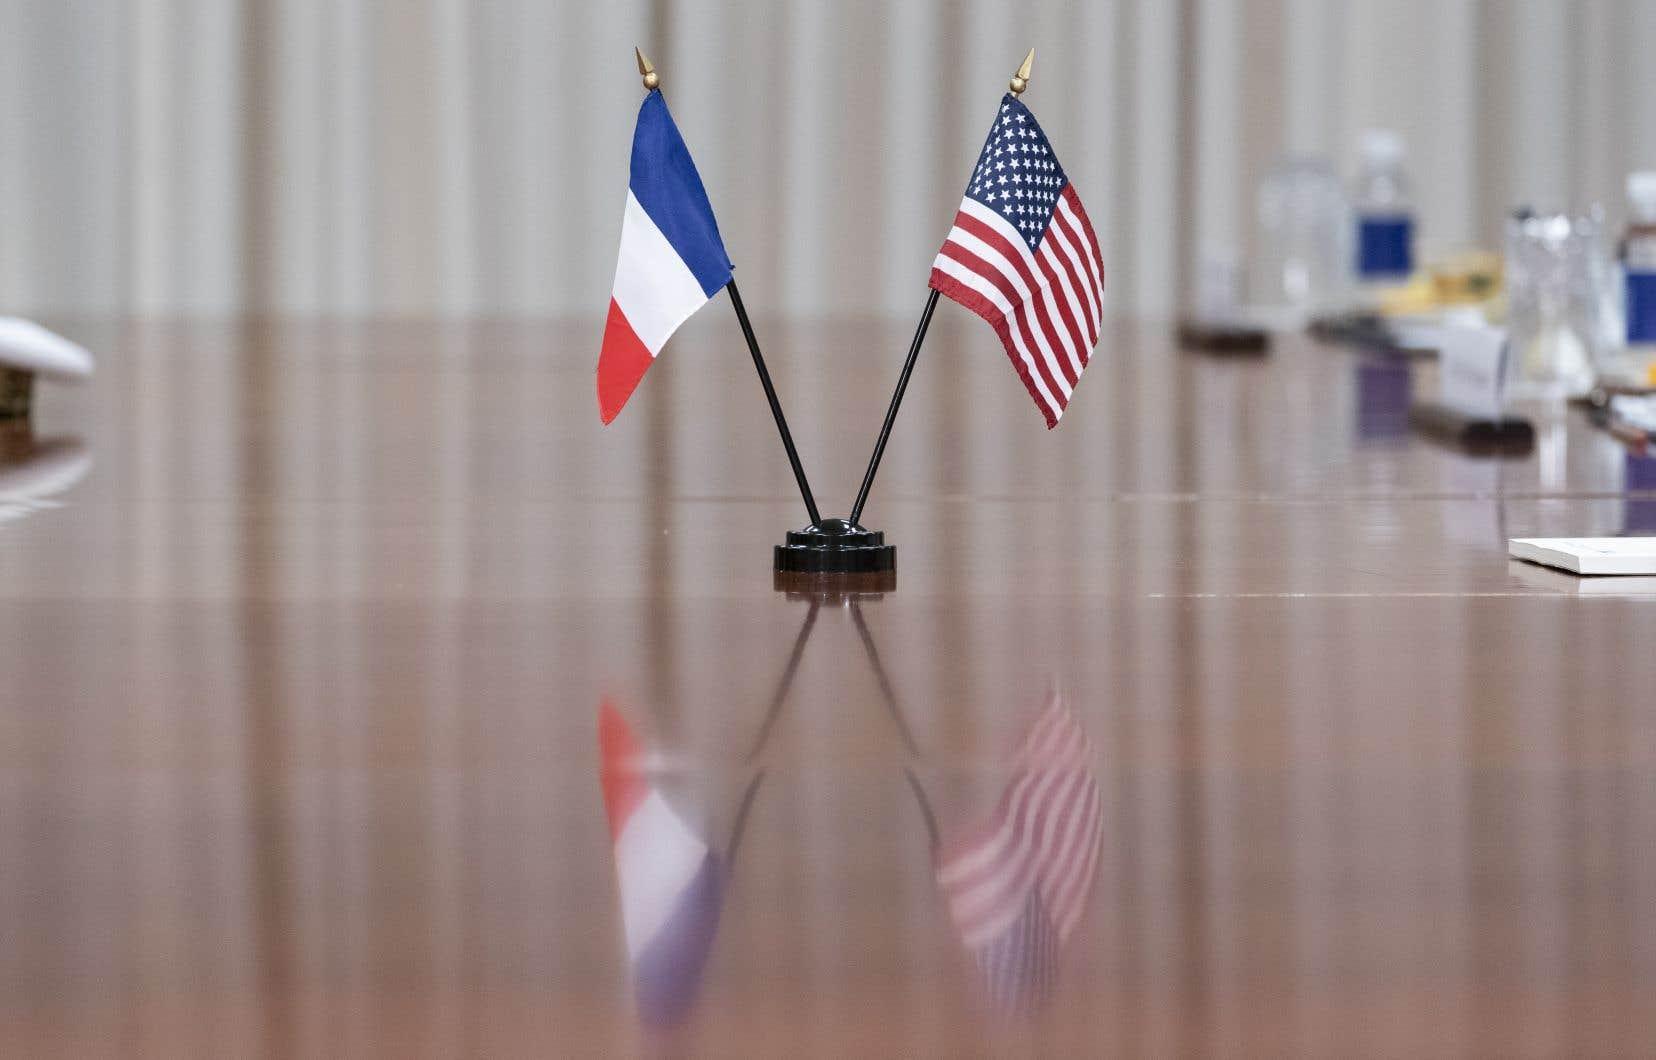 «Depuis une trentaine d'années, tournant le dos à une politique gaullienne d'indépendance, la France est devenue une adepte d'un atlantisme bon teint», écrit l'auteur.